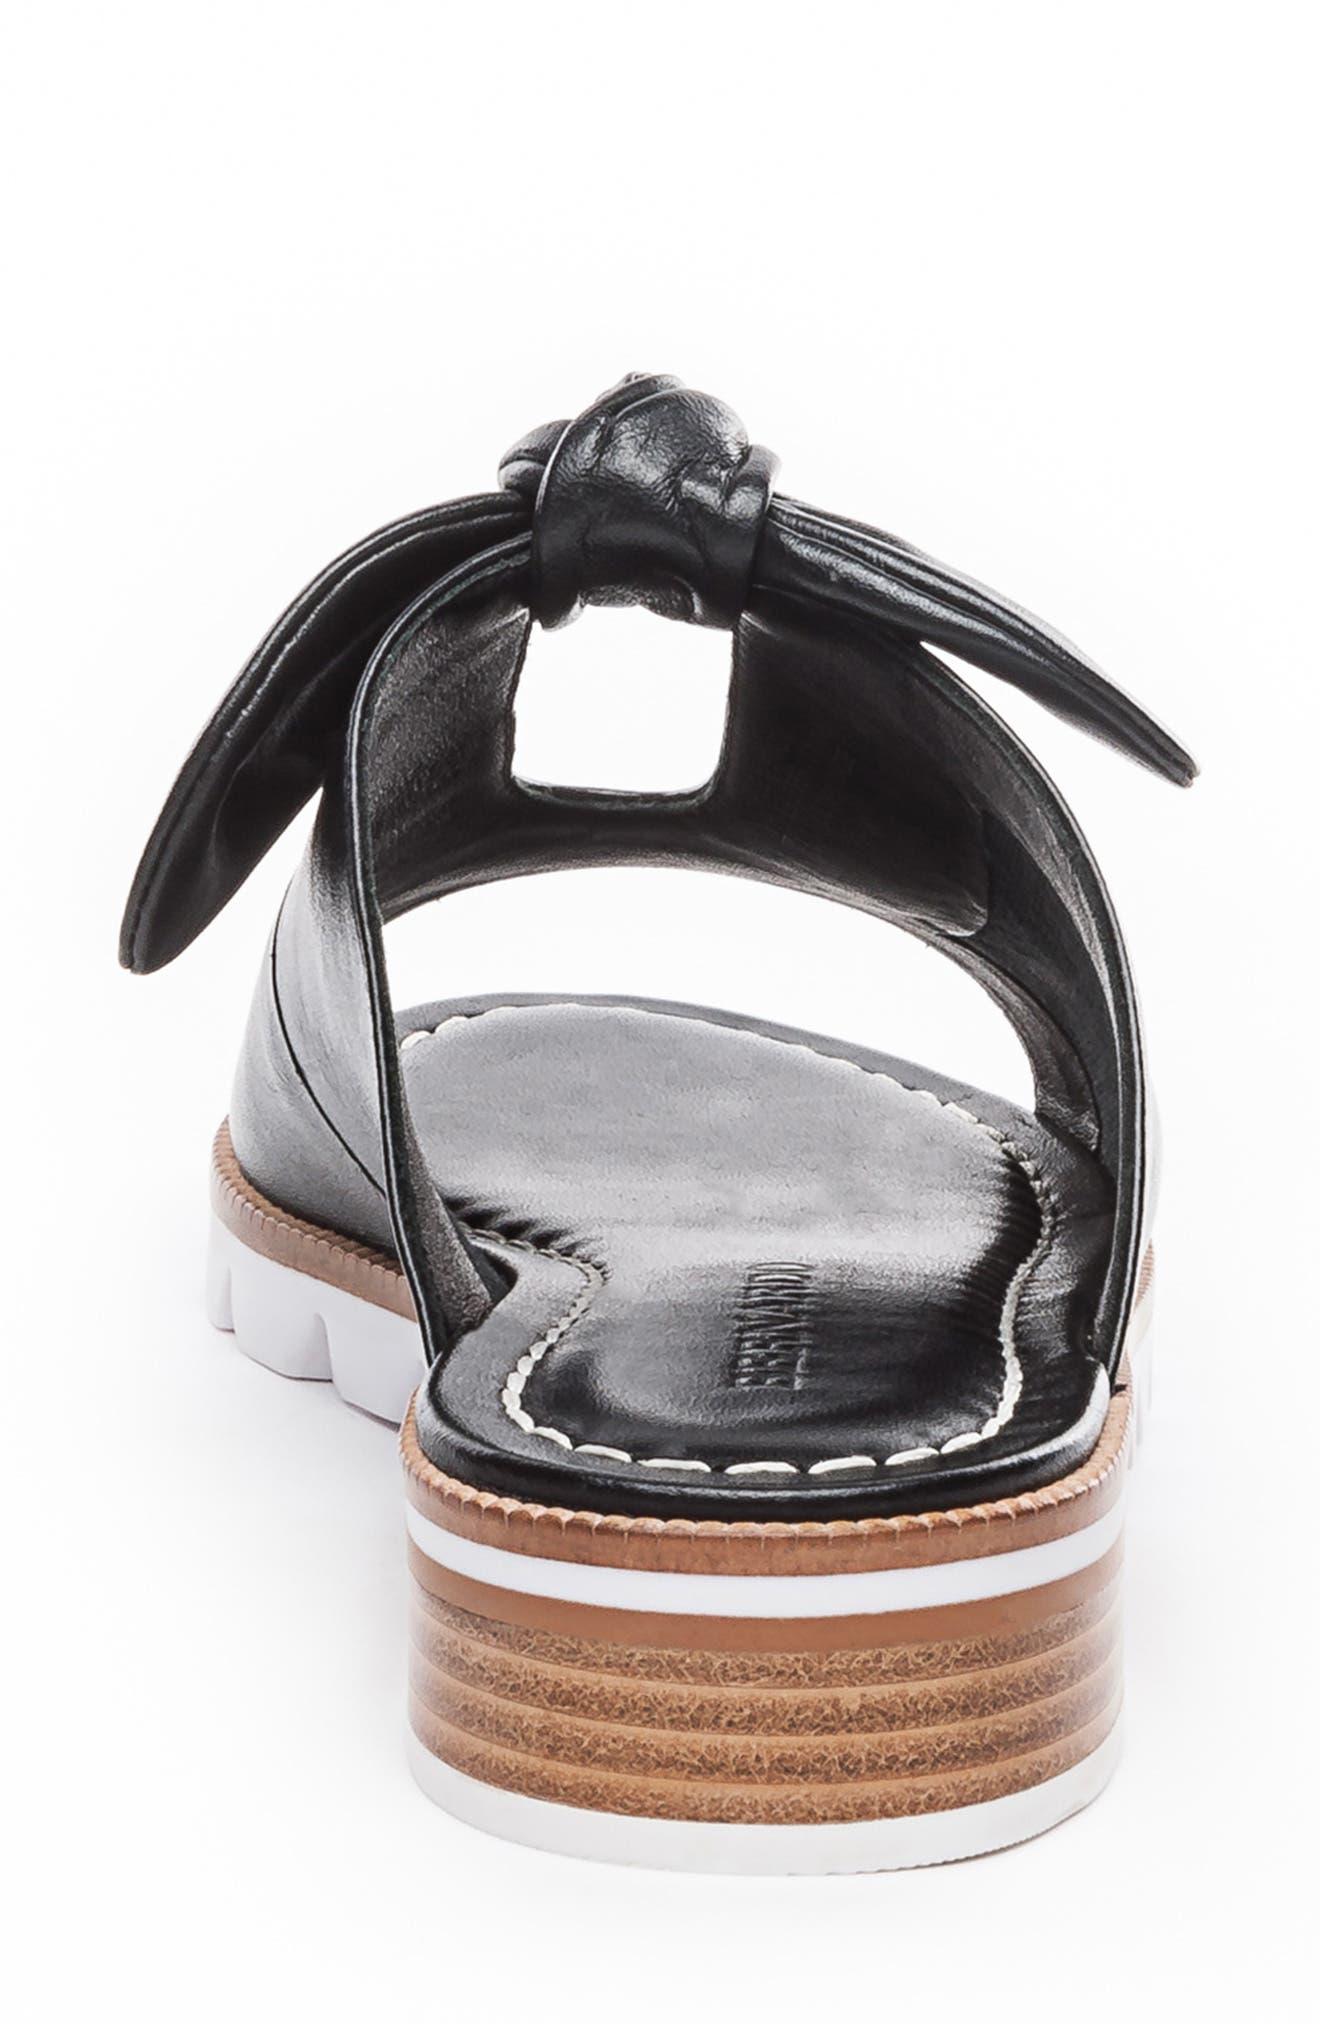 BERNARDO, Alice Bow Slide Sandal, Alternate thumbnail 7, color, BLACK LEATHER